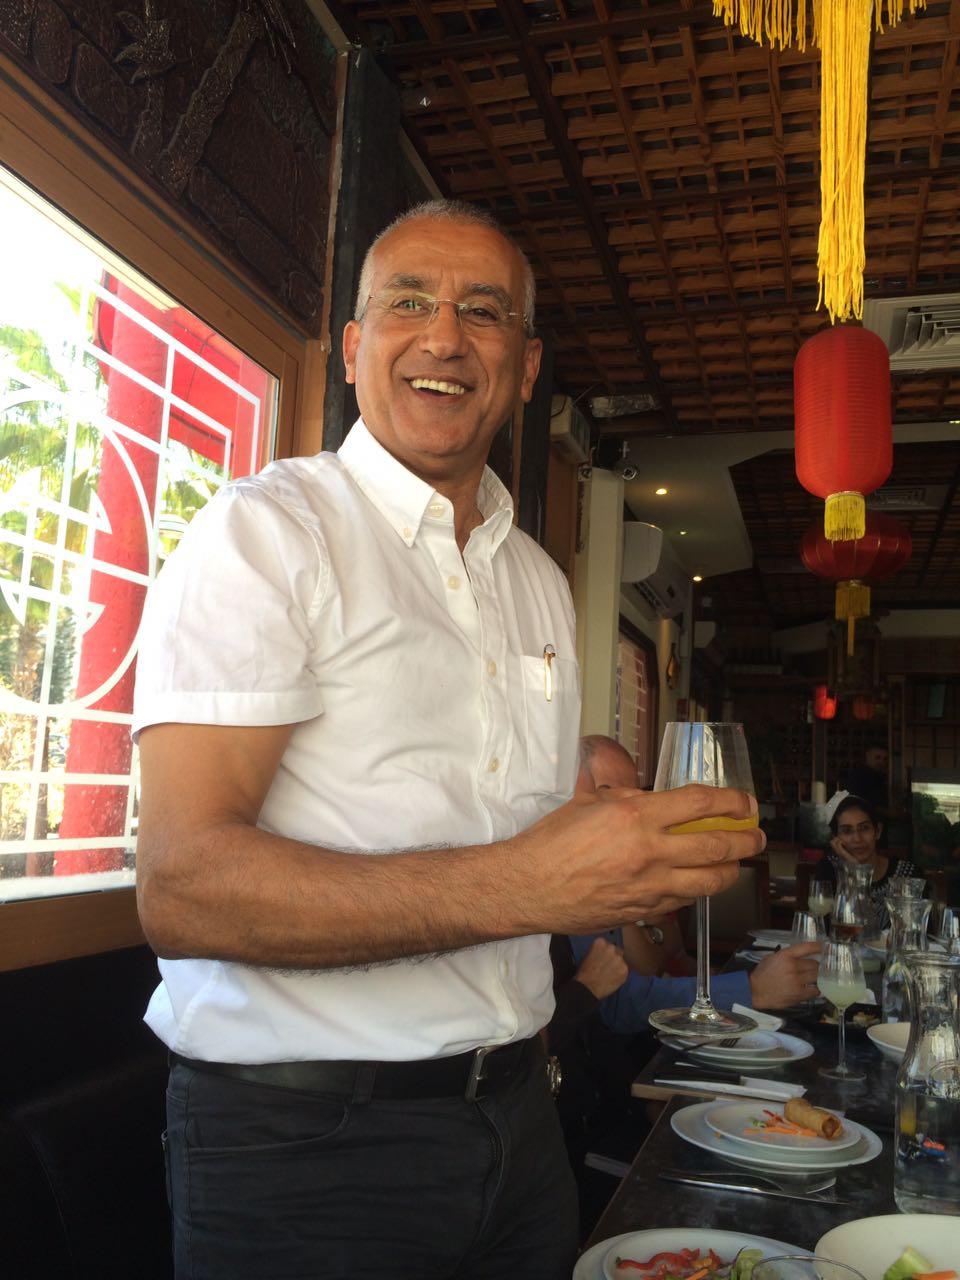 כמיטב המסורת... עוד רפאל תירם בהרמת כוסית בשם החג במסעדת טייפה